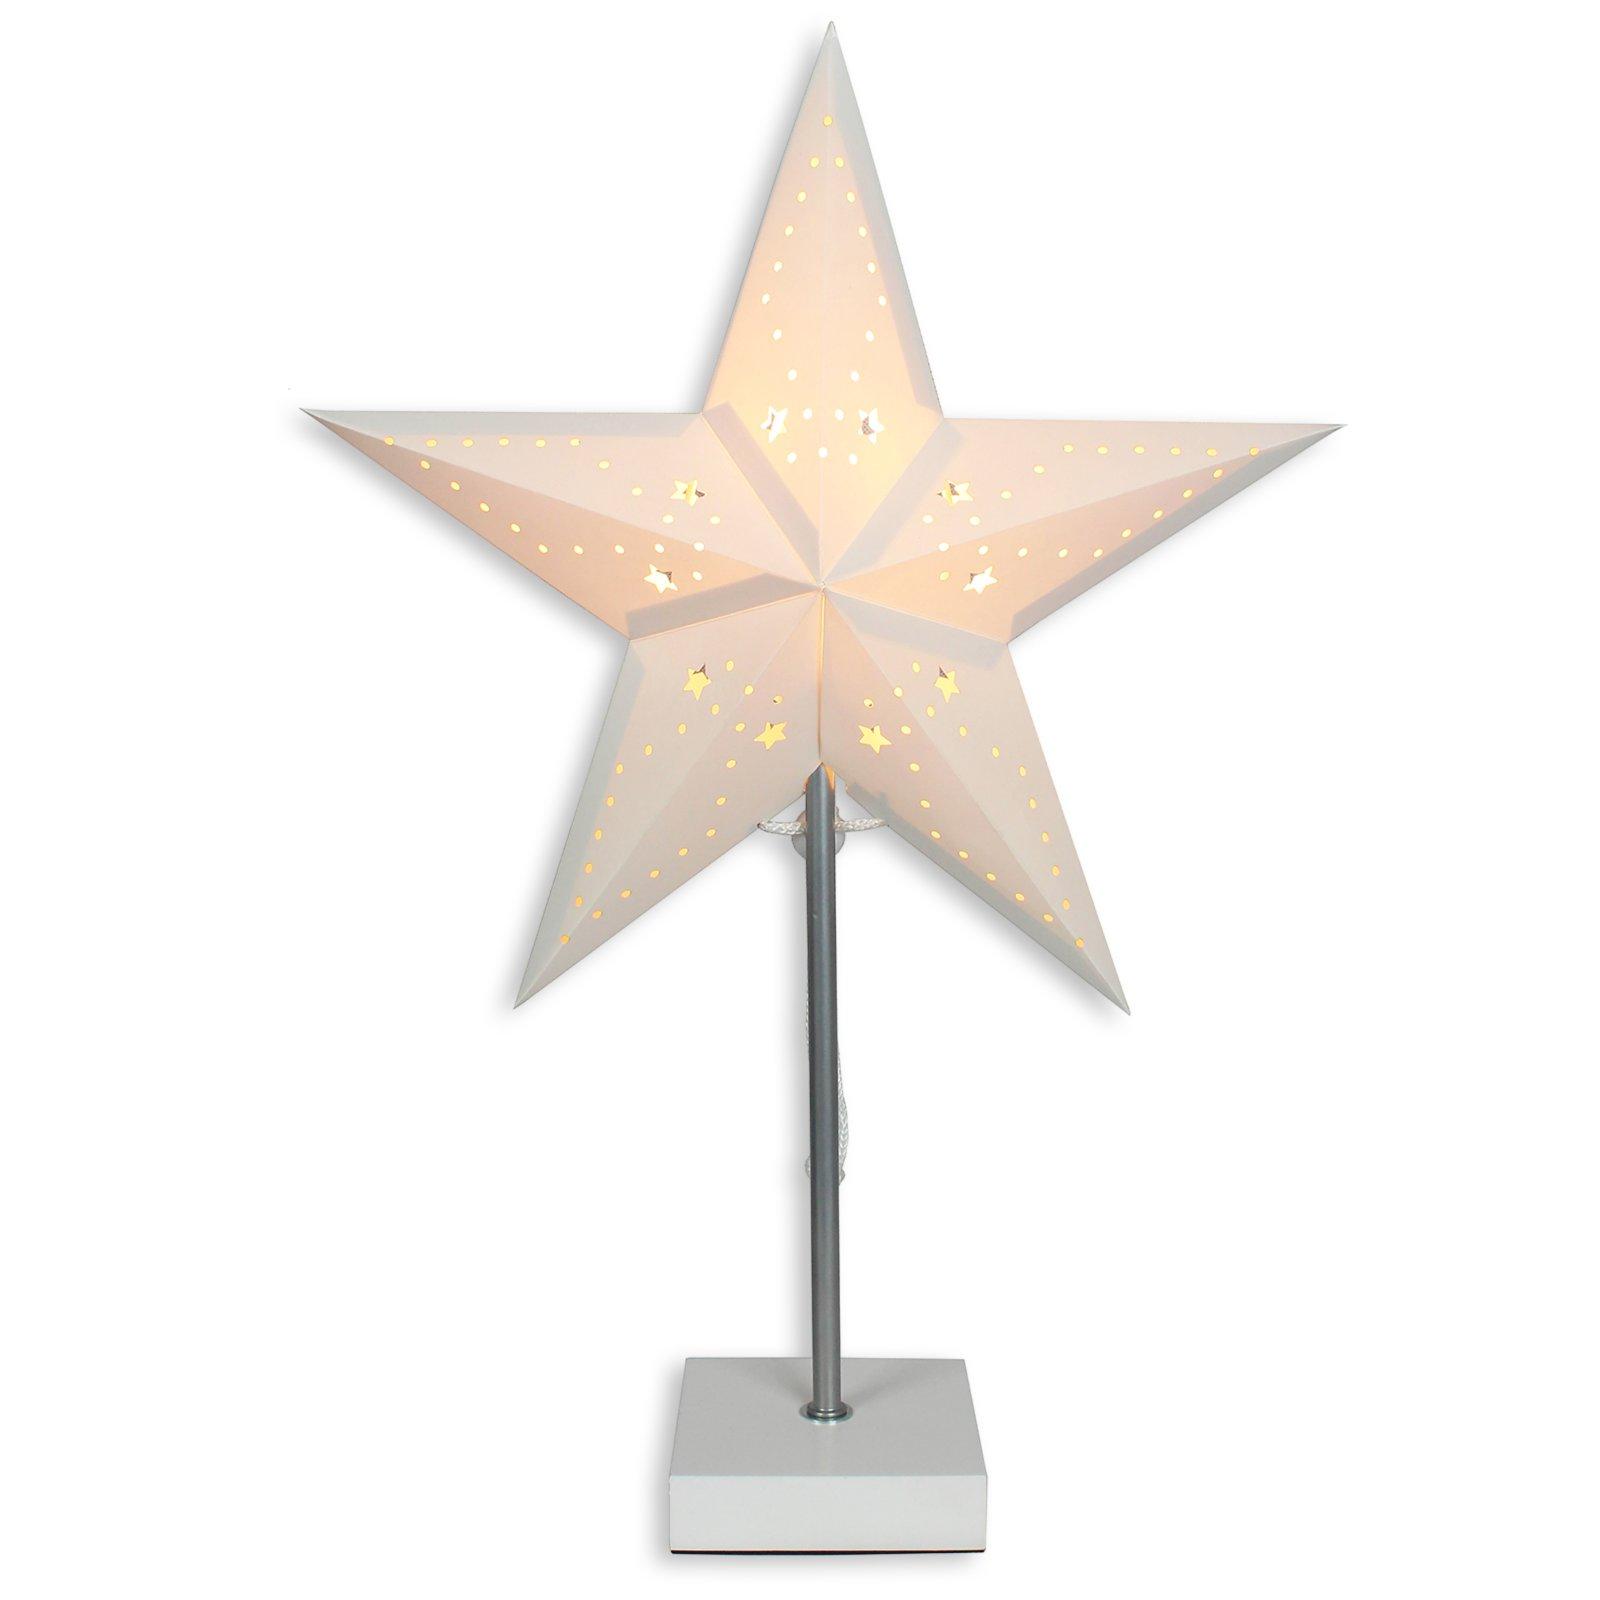 Tischleuchte stern papier 50 cm tischlampen for Lampen papier